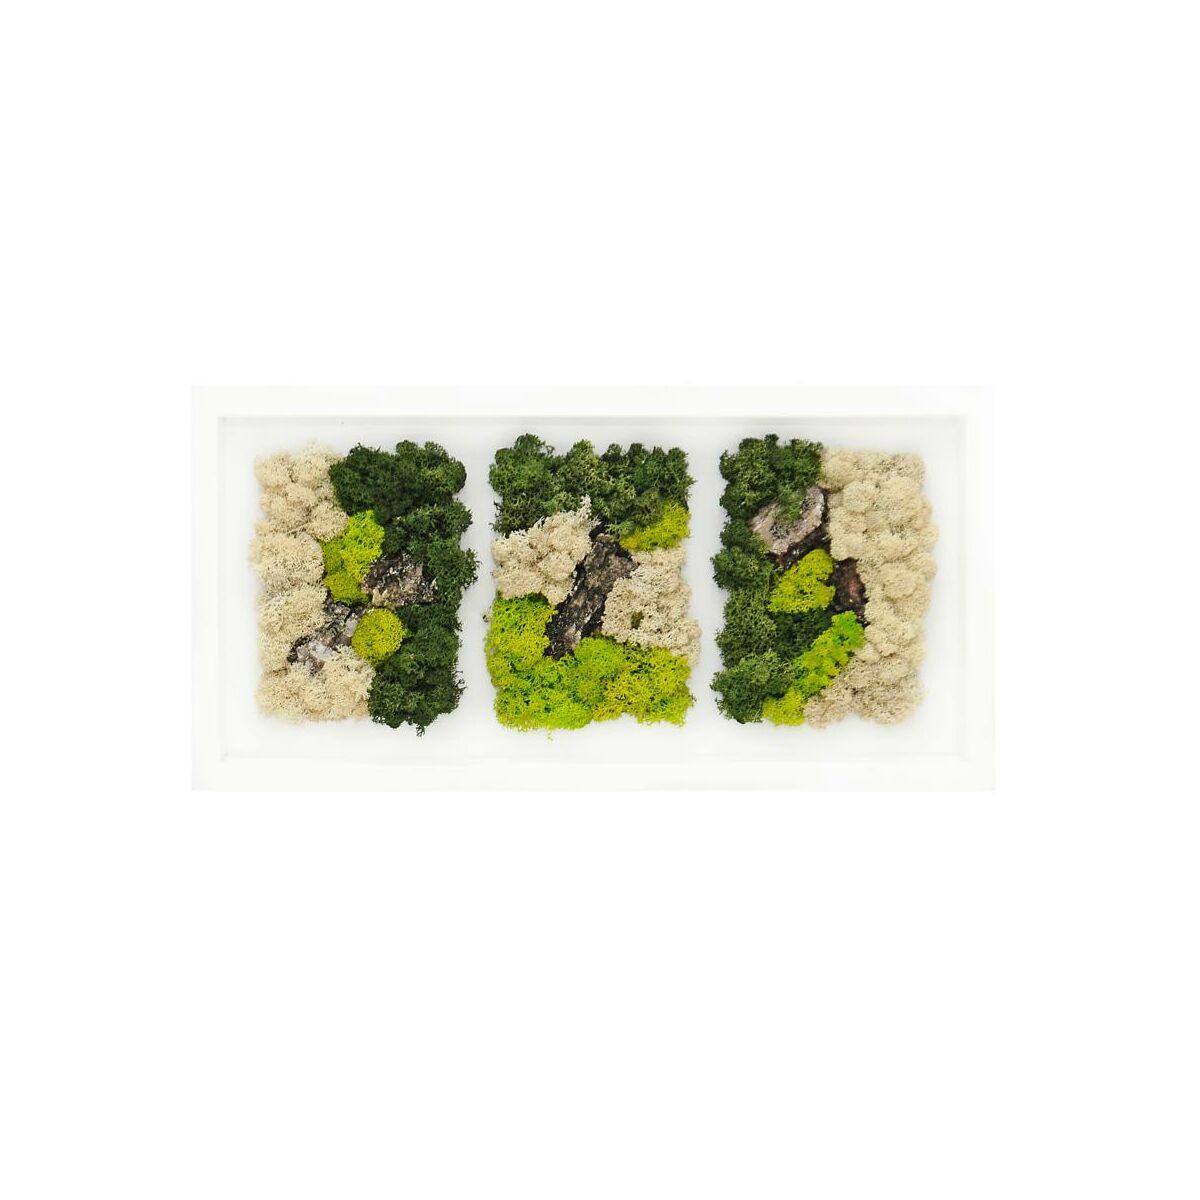 Obraz Dekoracyjny Z Mchem 53 X 26 Cm Trio Gotowe Panele I Obrazy Z Mchu W Atrakcyjnej Cenie W Sklepach Leroy Merlin